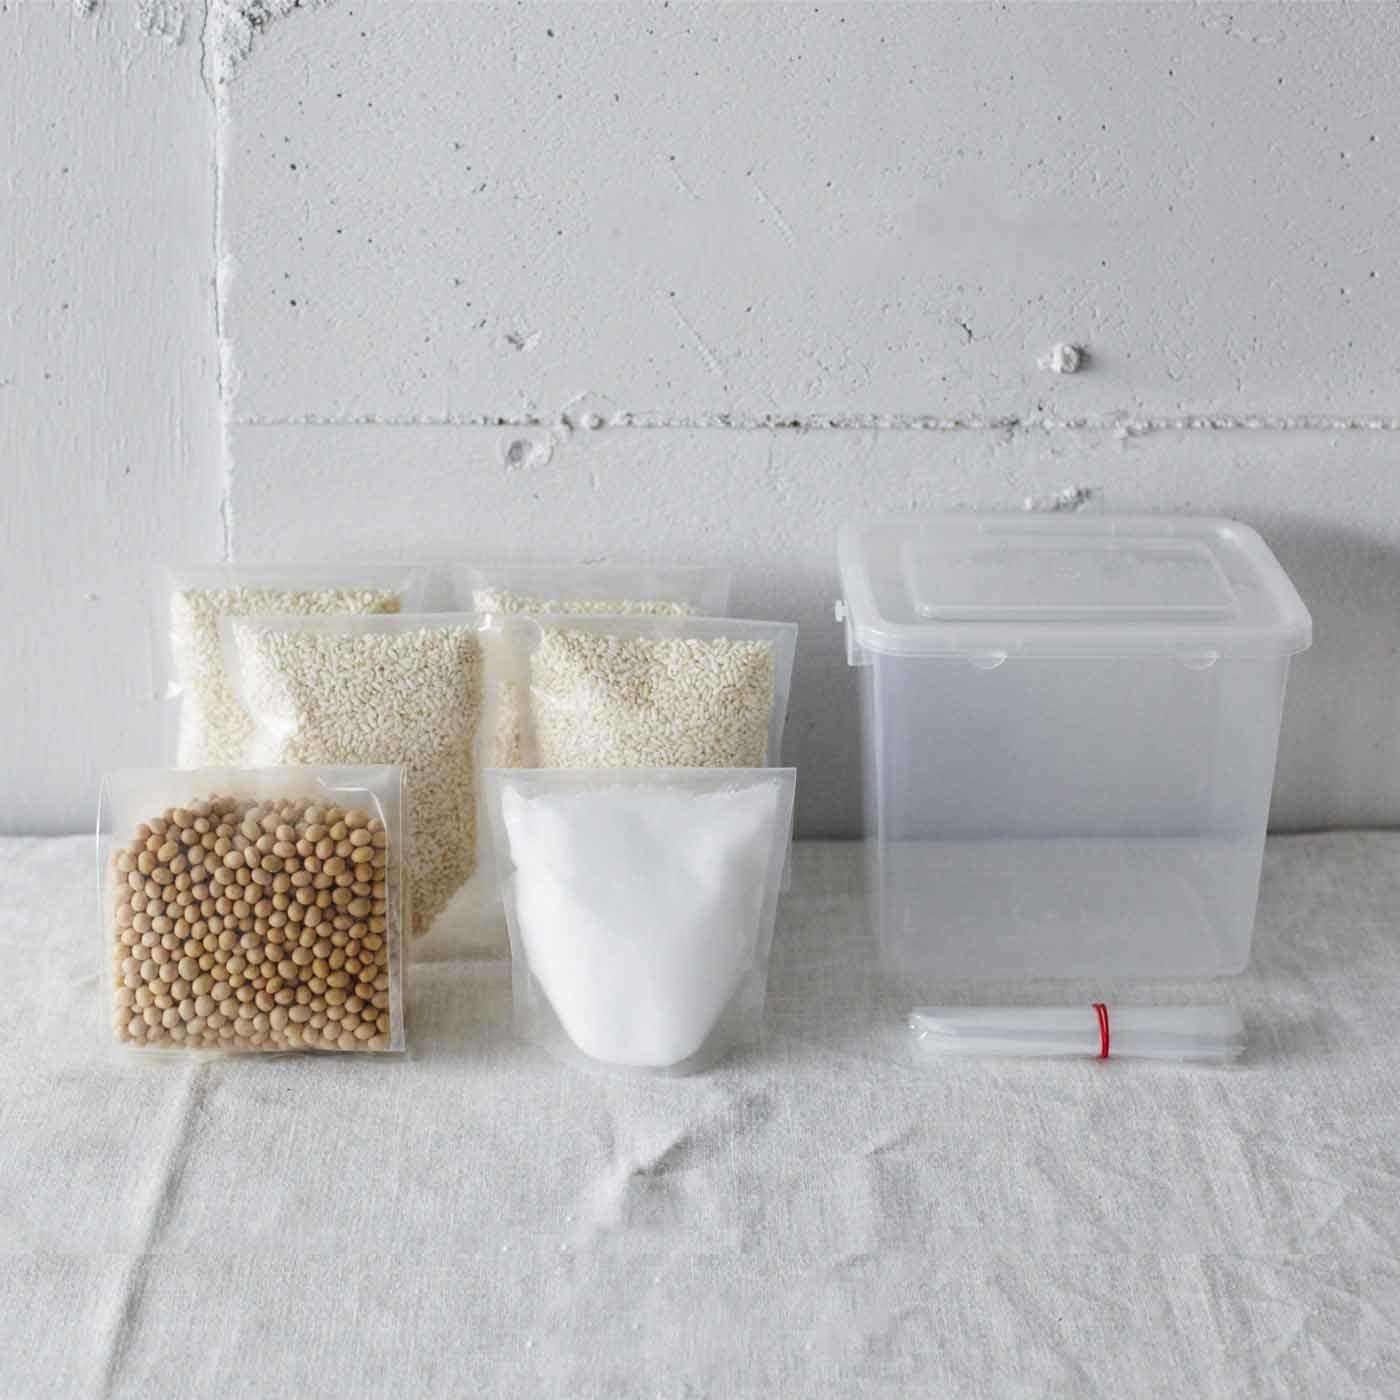 熊本貝島商店の米みそキット